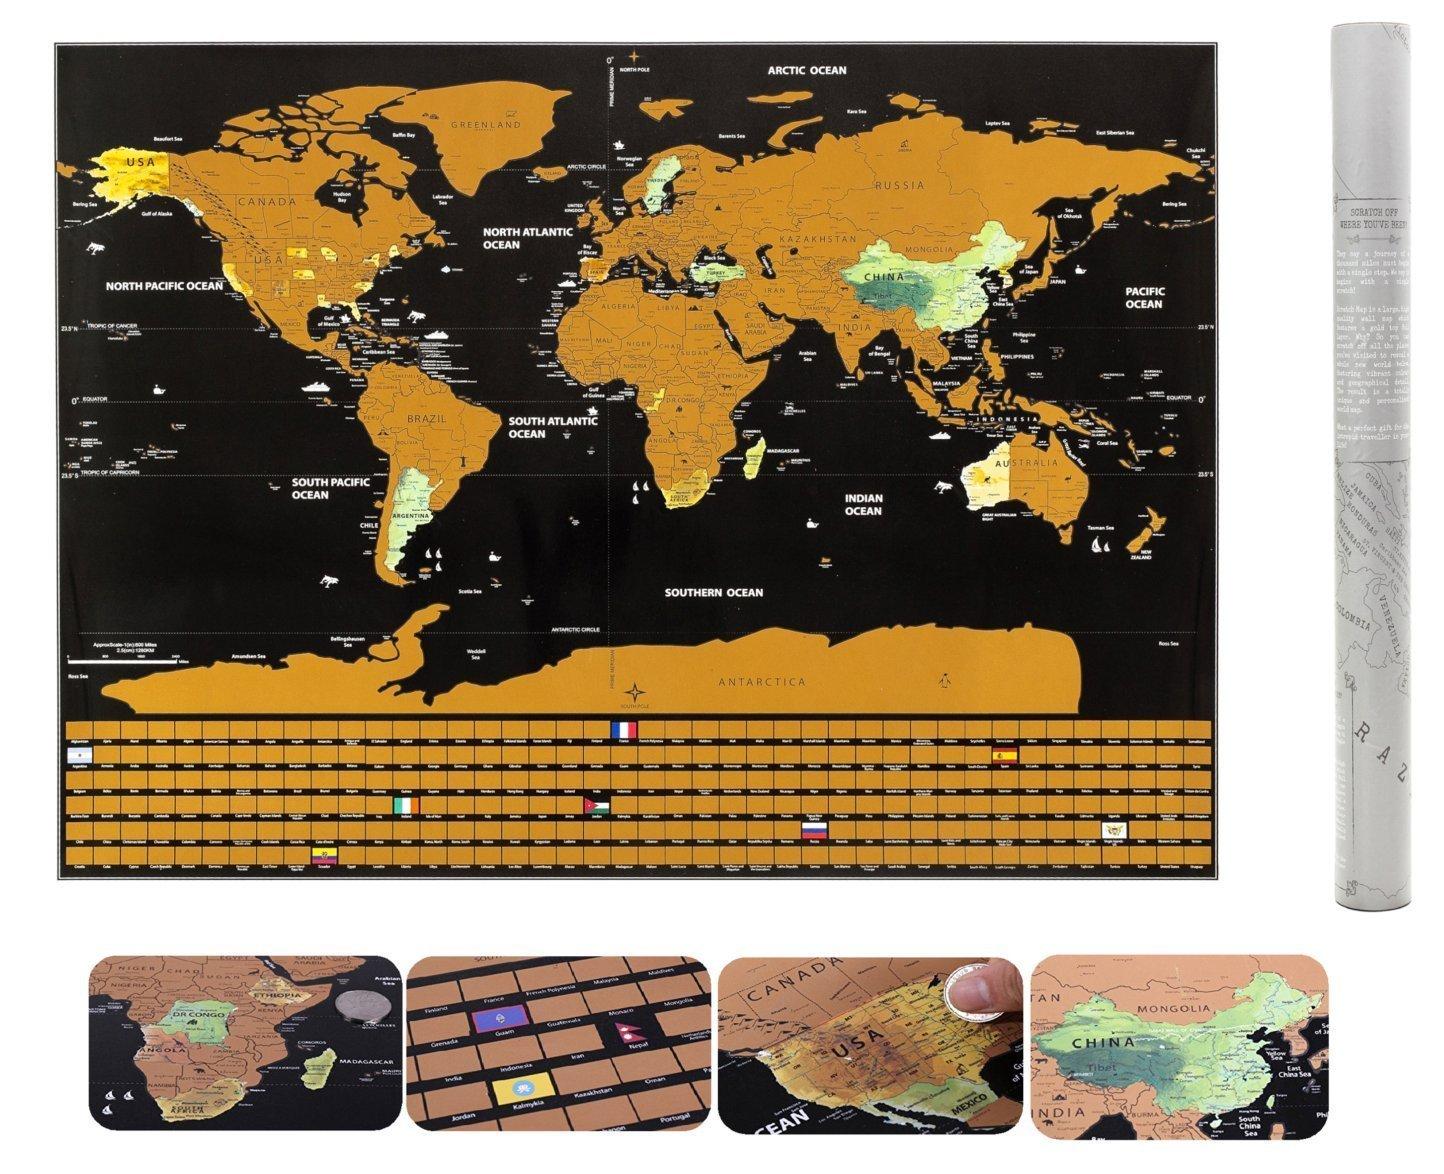 Carte du monde à gratter détaillée avec drapeaux - Carte XXL murale noire et dorée de 82,5*59,4 cm – Cadeau parfait pour les voyageurs - Kit essentiel pastilles adhésives + médiator pour gratter offert Travelerwit